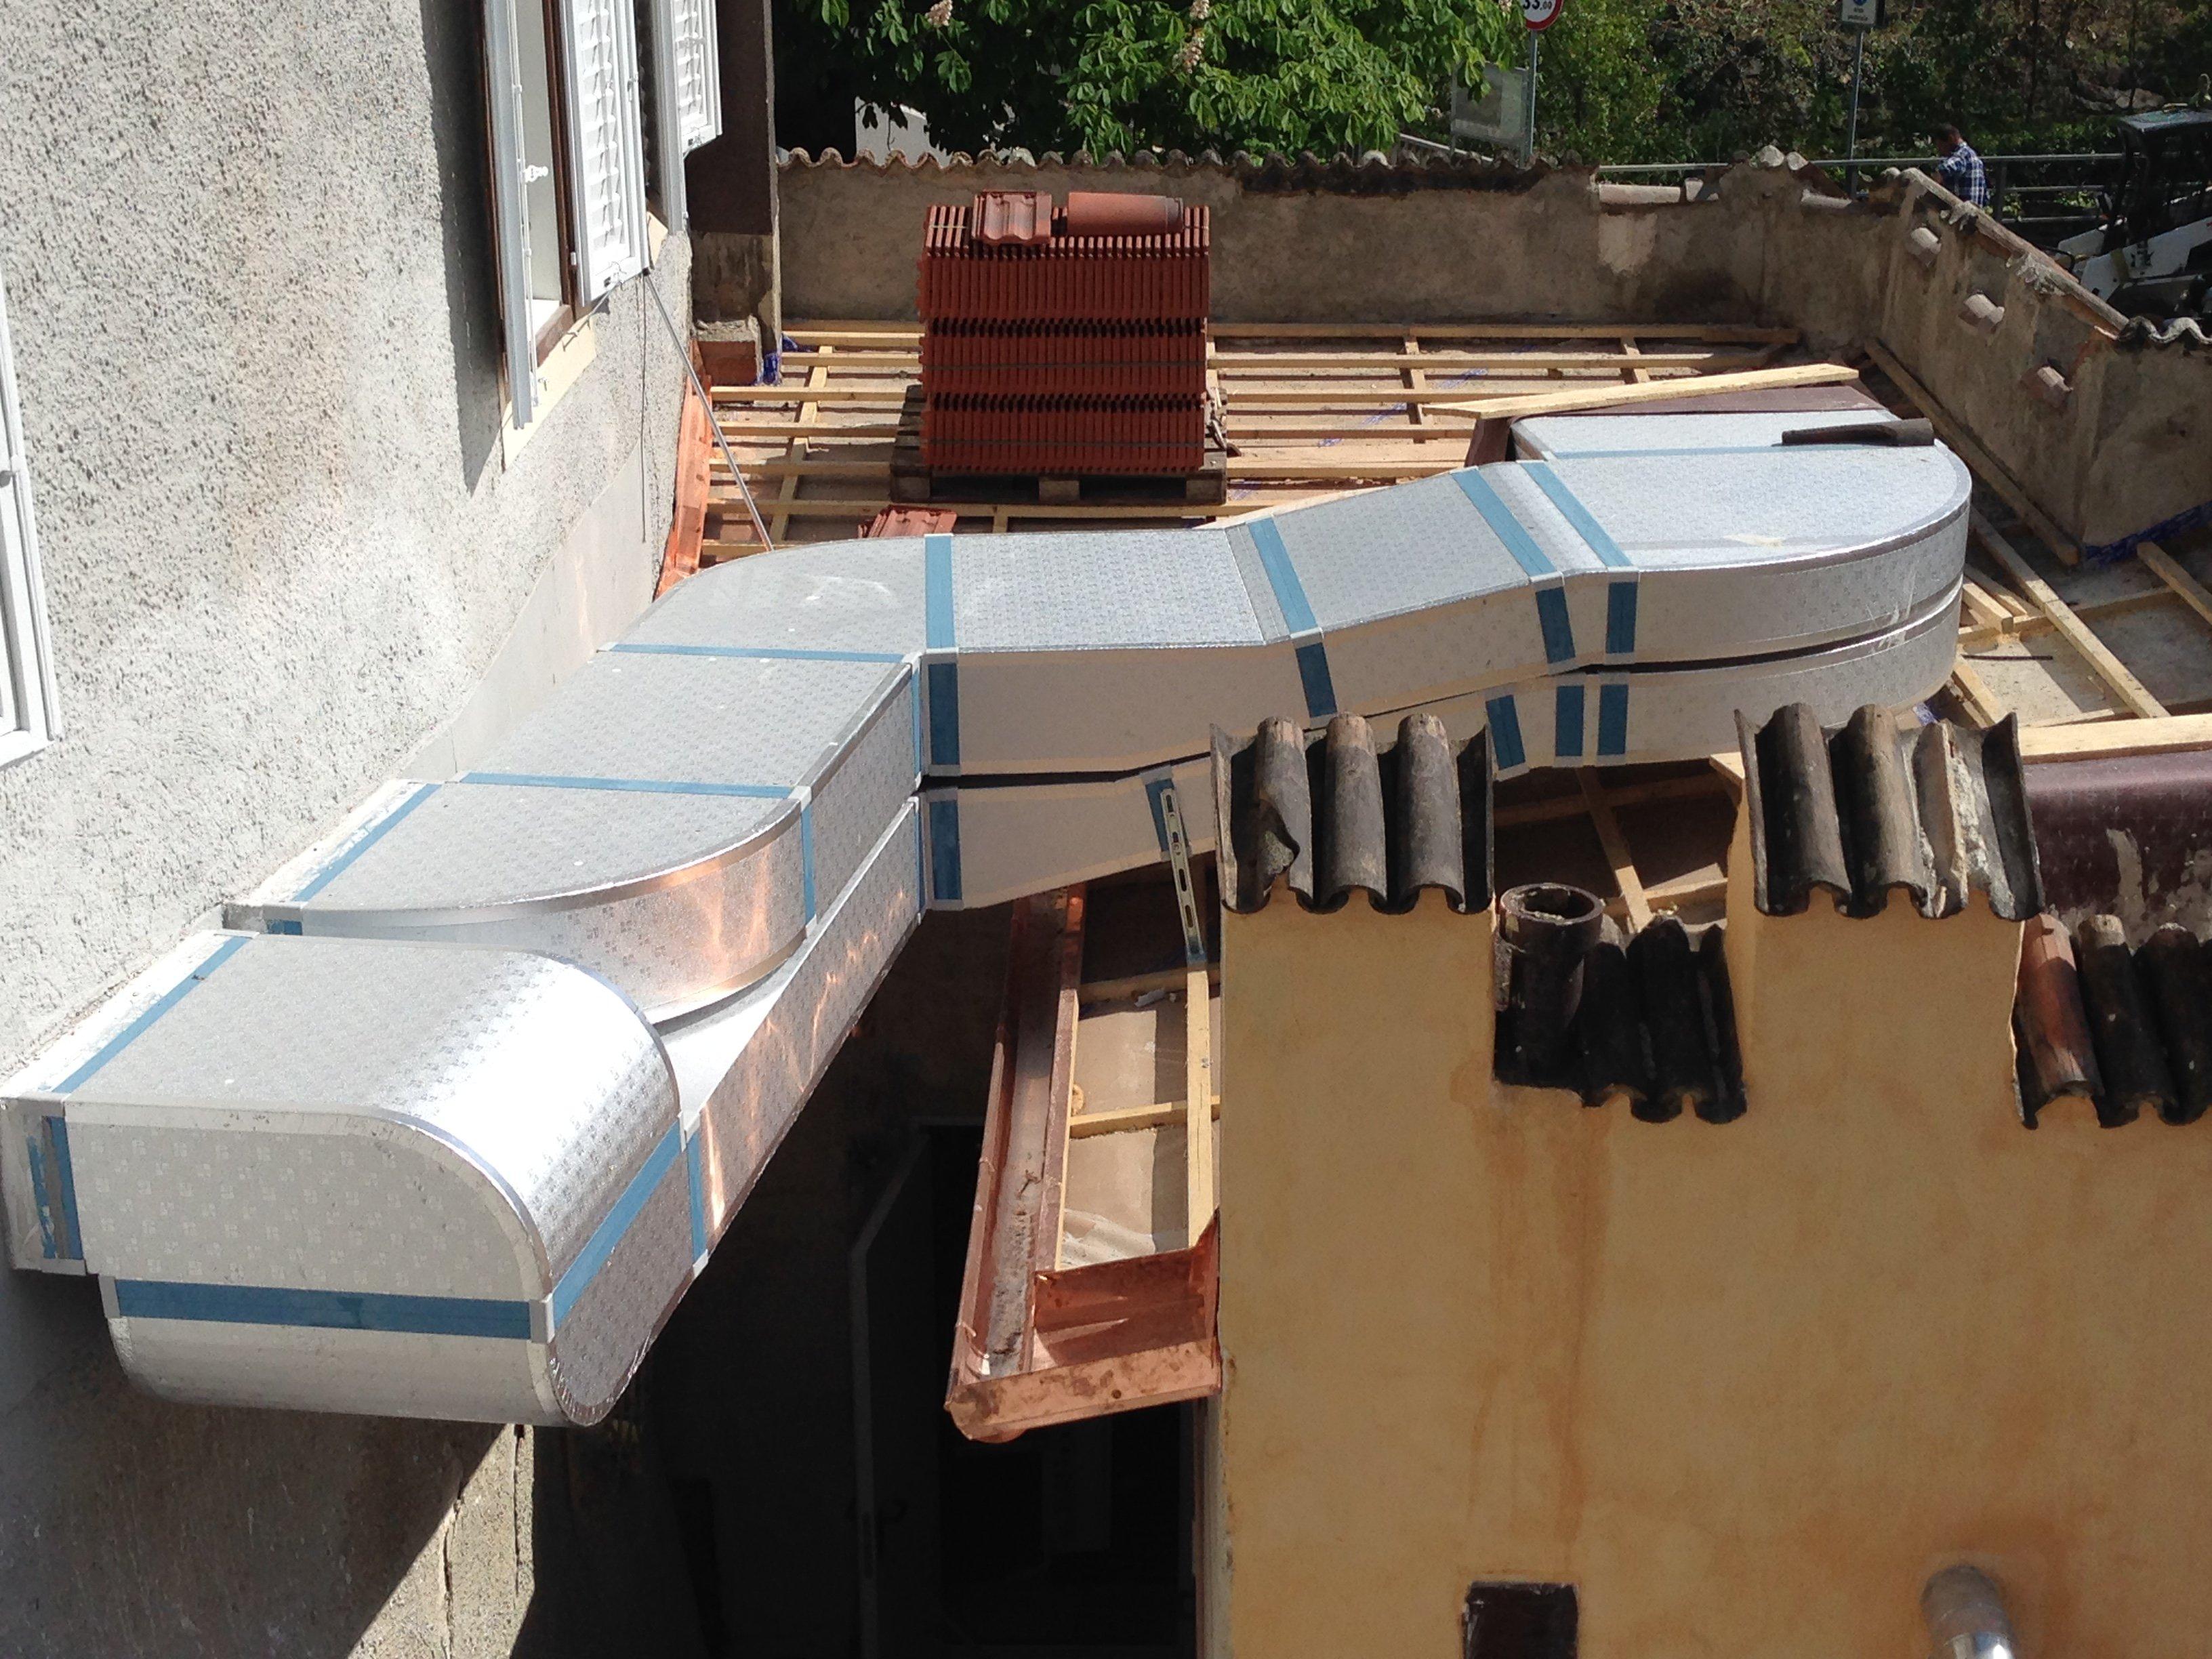 un condotto di un impianto all'esterno di uno stabile